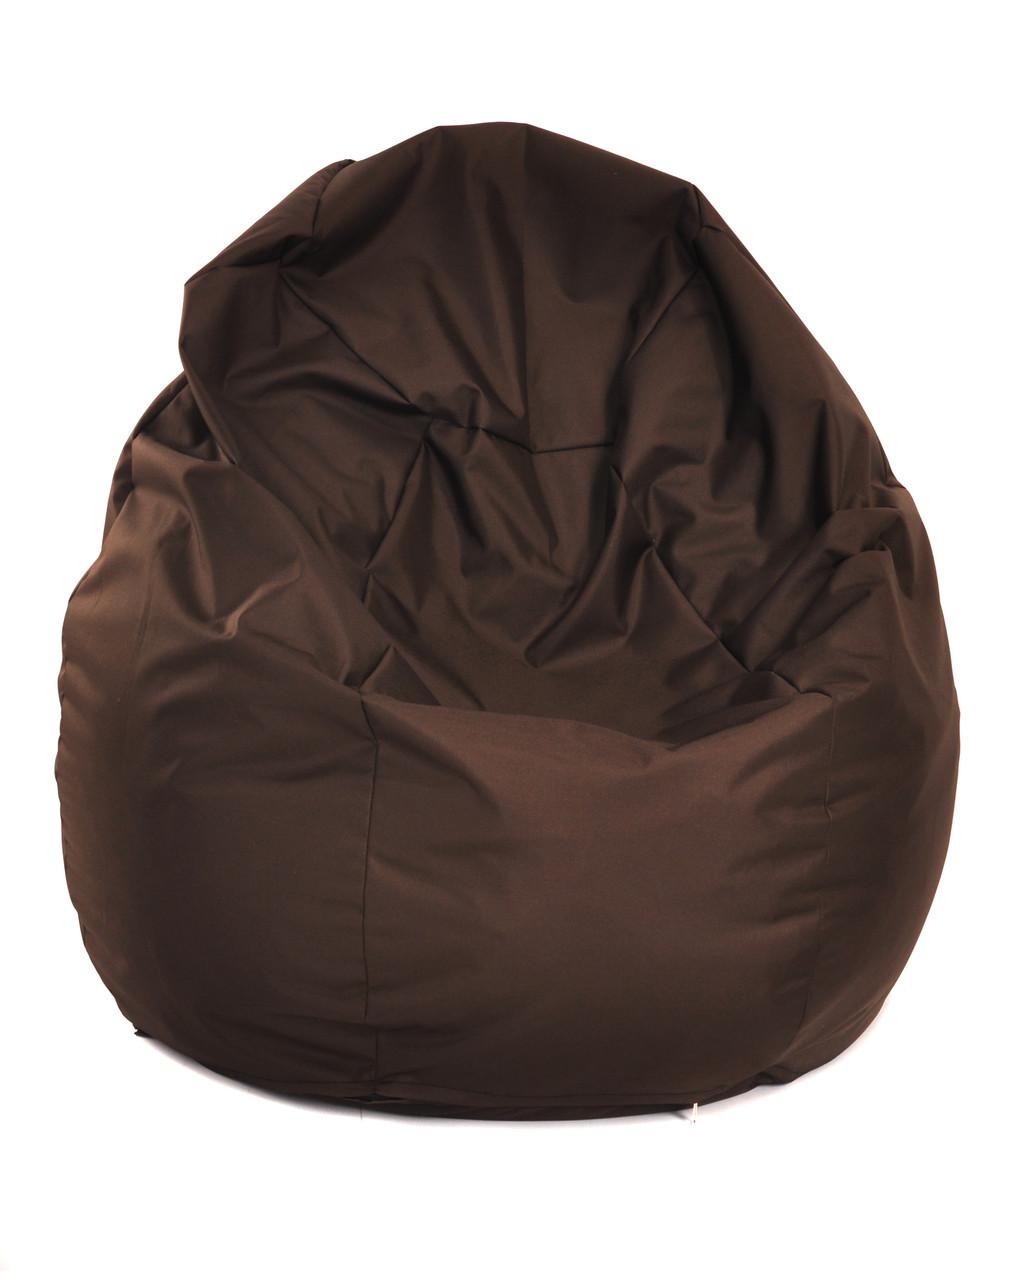 Пуф Груша Размер ХL 110*90 см, оксфорд коричневый